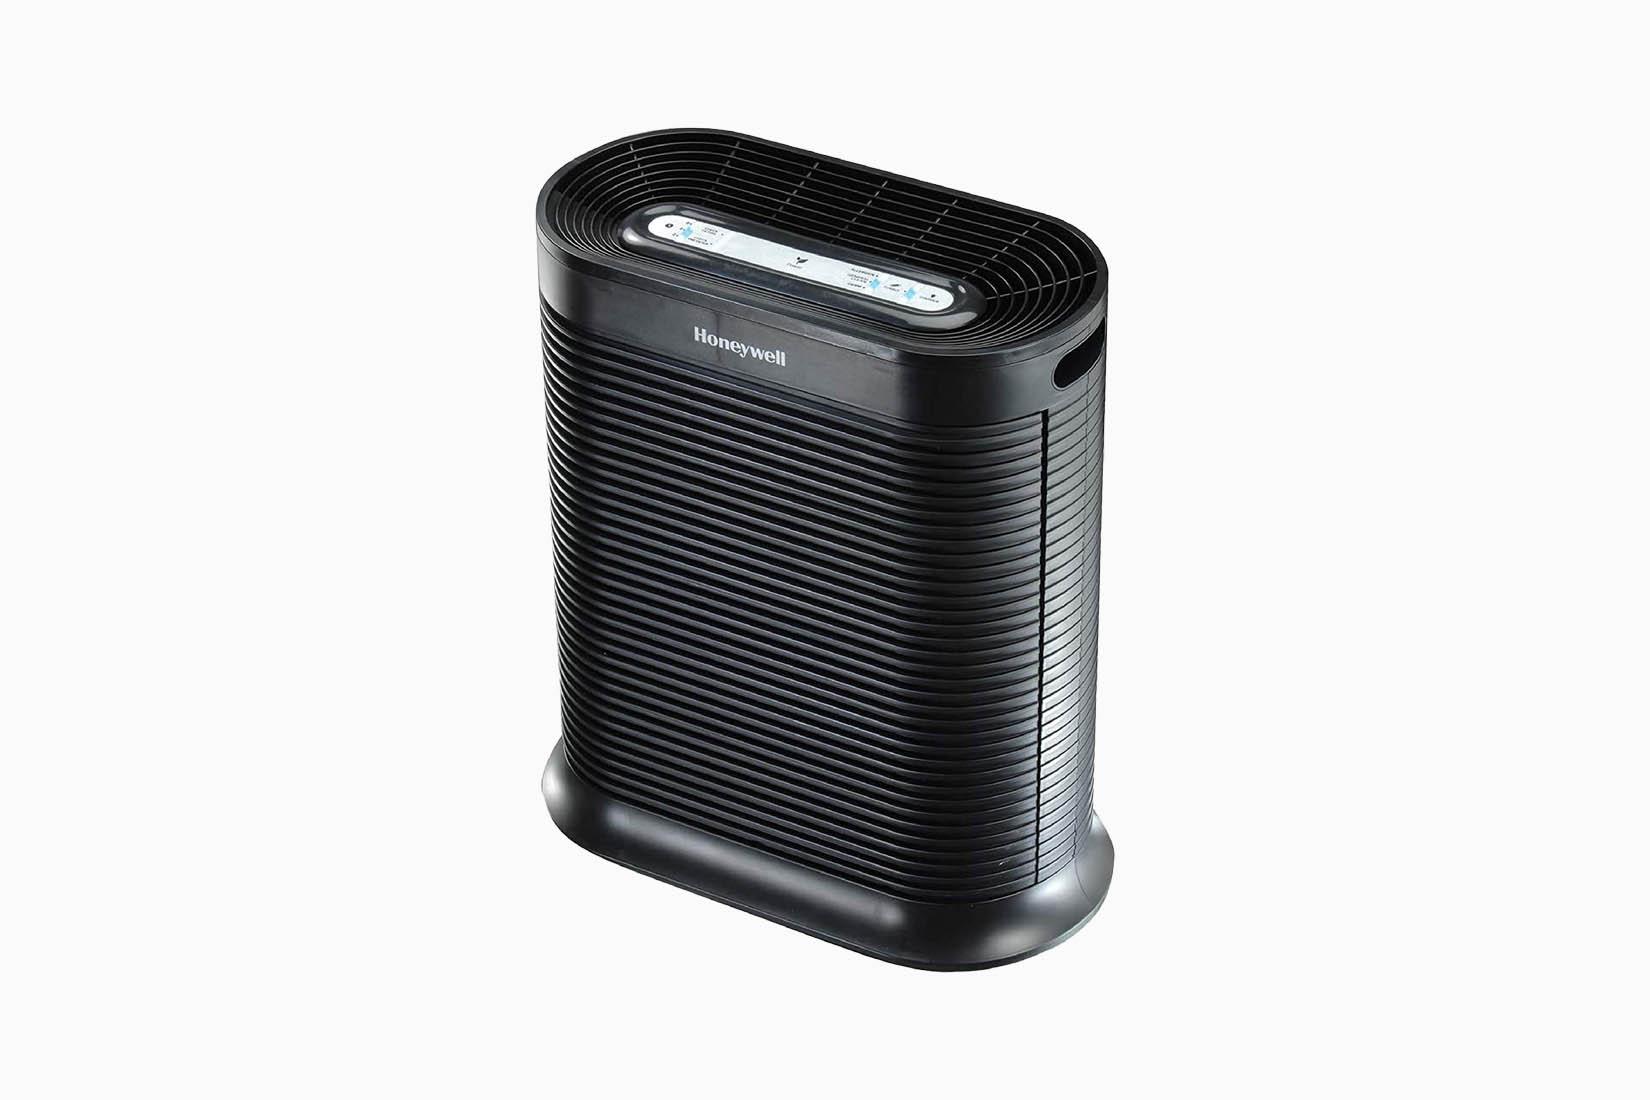 best air purifier honeywell review Luxe Digital